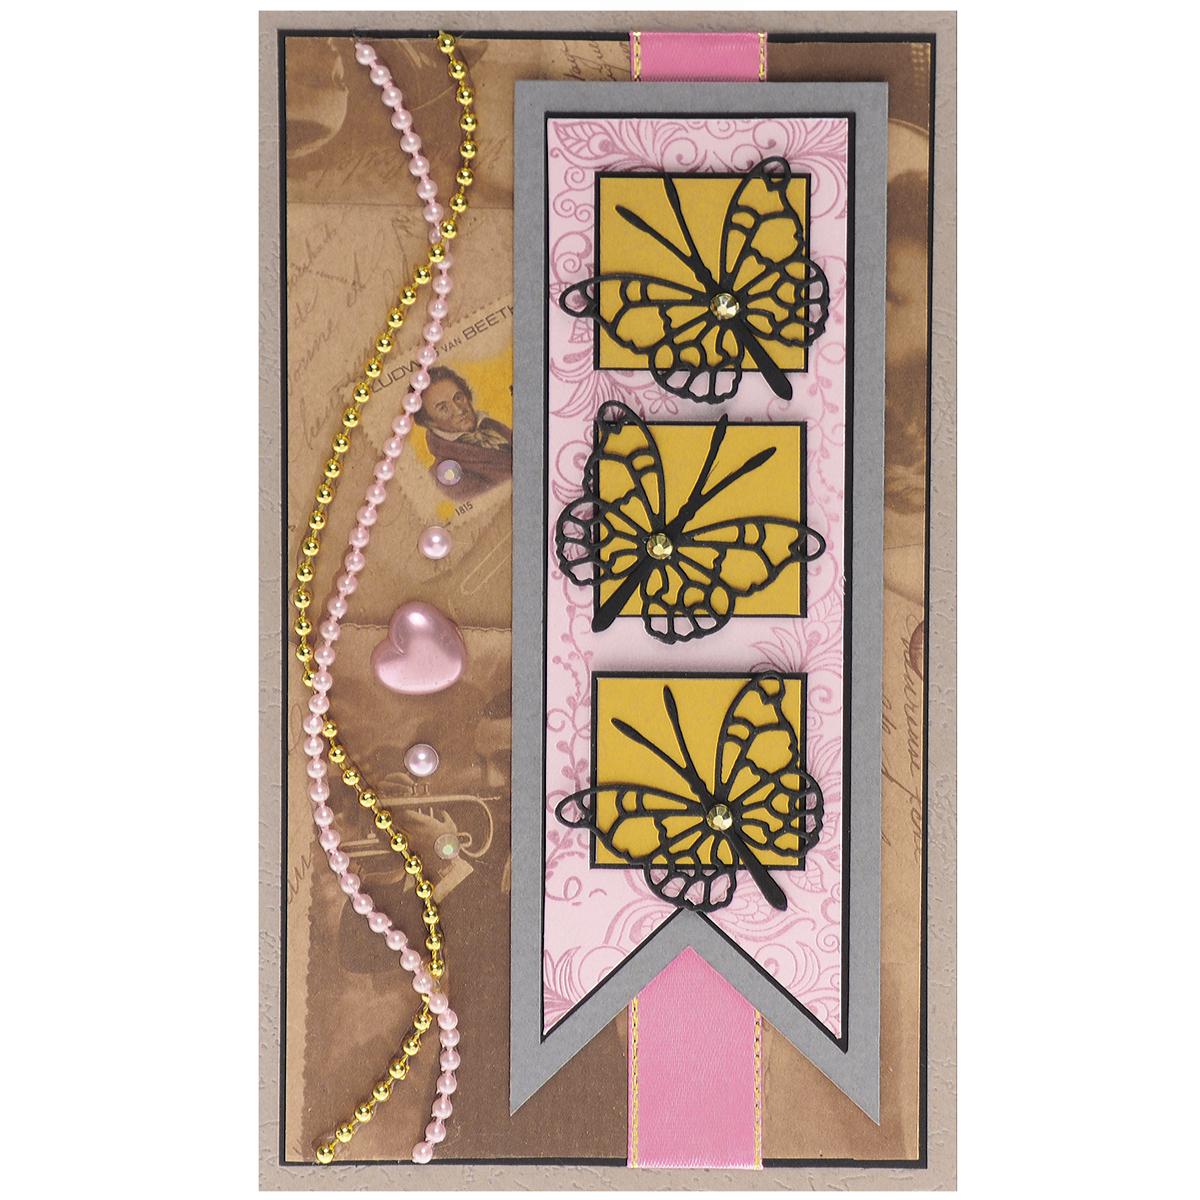 Открытка-конверт Мокко. Студия Тетя РозаОЖ-0068Открытка выполнена из высокохудожественного картона, украшена яркой лентой, золотистыми и розовыми бусами из пластика и ажурными бабочками. Может стать как прекрасным дополнением к вашему подарку, так и самостоятельным подарком, так как открытка одновременно является и конвертом, в который вы можете вложить ваш денежный подарок или подарочный сертификат, или же просто написать ваши пожелания на вкладыше.Открытки ручной работы от студии Тетя Роза отличаются своим неповторимым и ярким стилем. Каждая уникальна и выполнена вручную мастерами студии. Открытка упакована в пакетик для сохранности. Обращаем ваше внимание на то, что открытка может незначительно отличаться от представленной на фото.